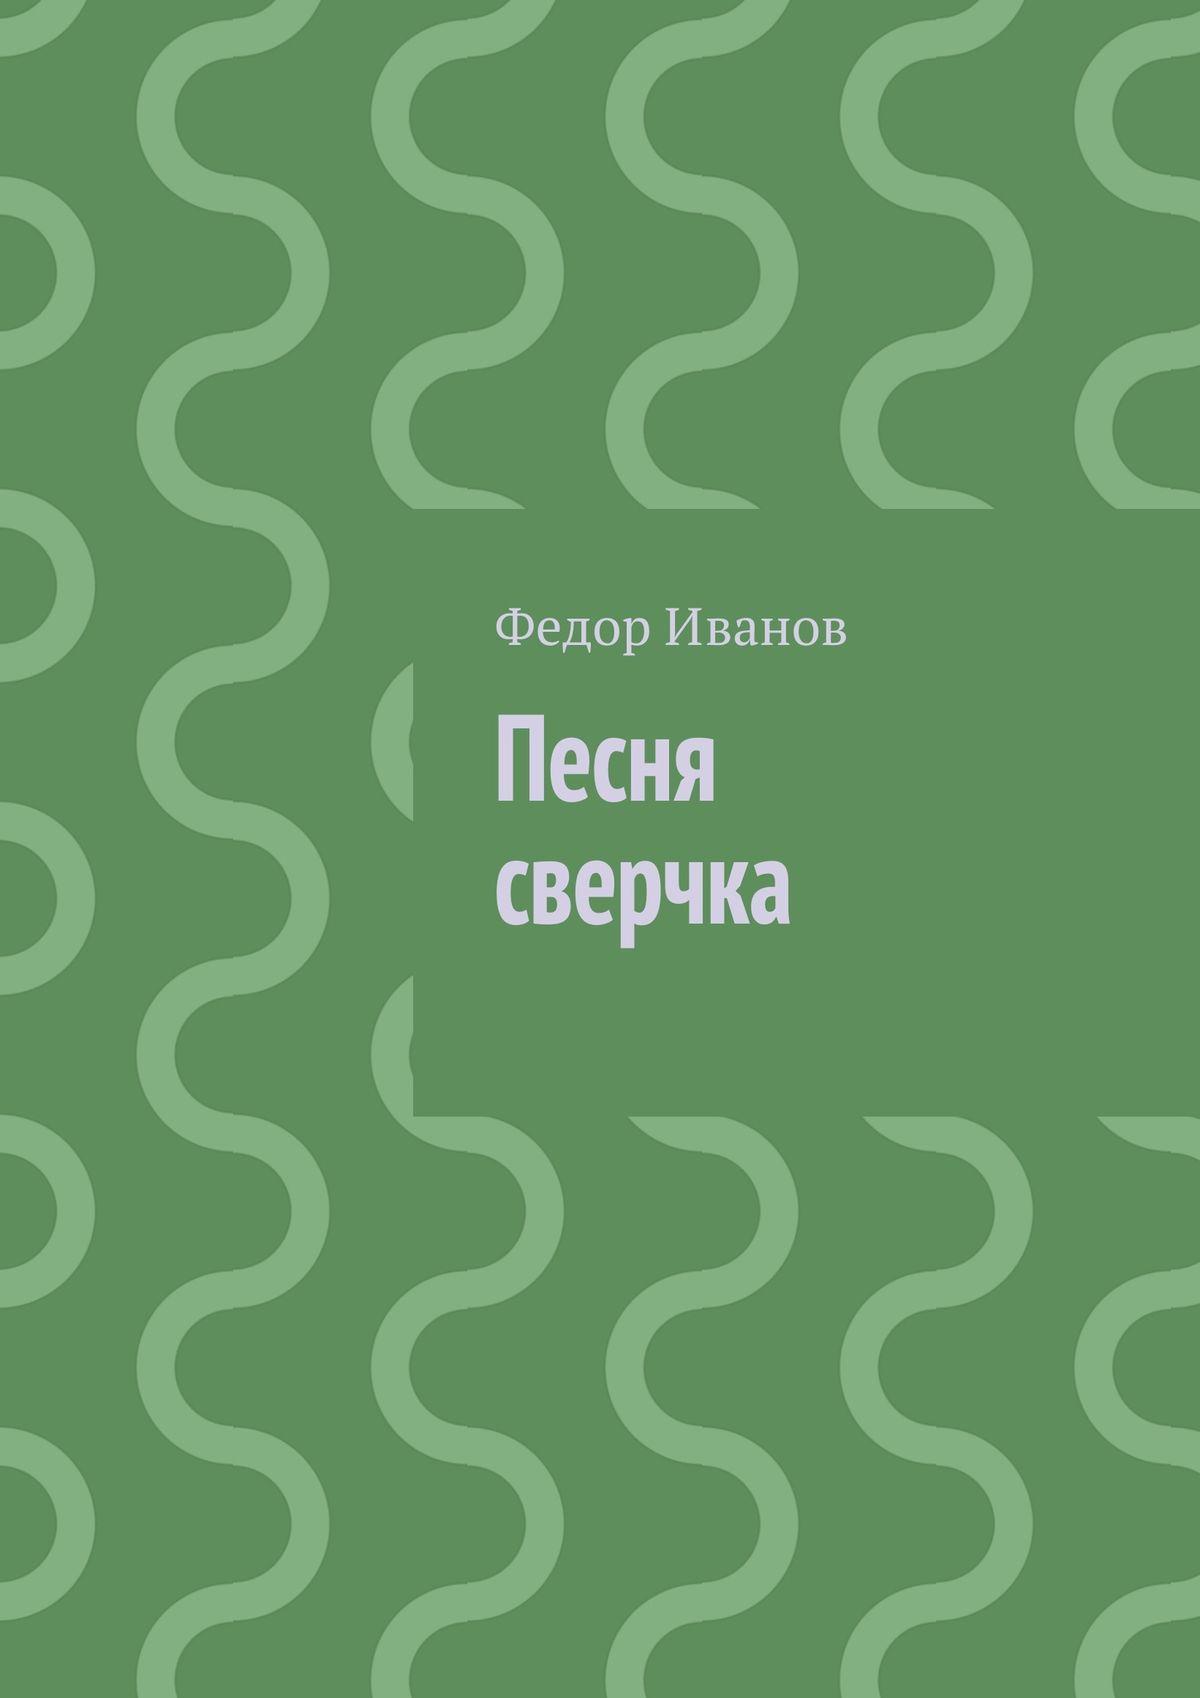 Федор Федорович Иванов Песня сверчка федор федорович иванов николаус